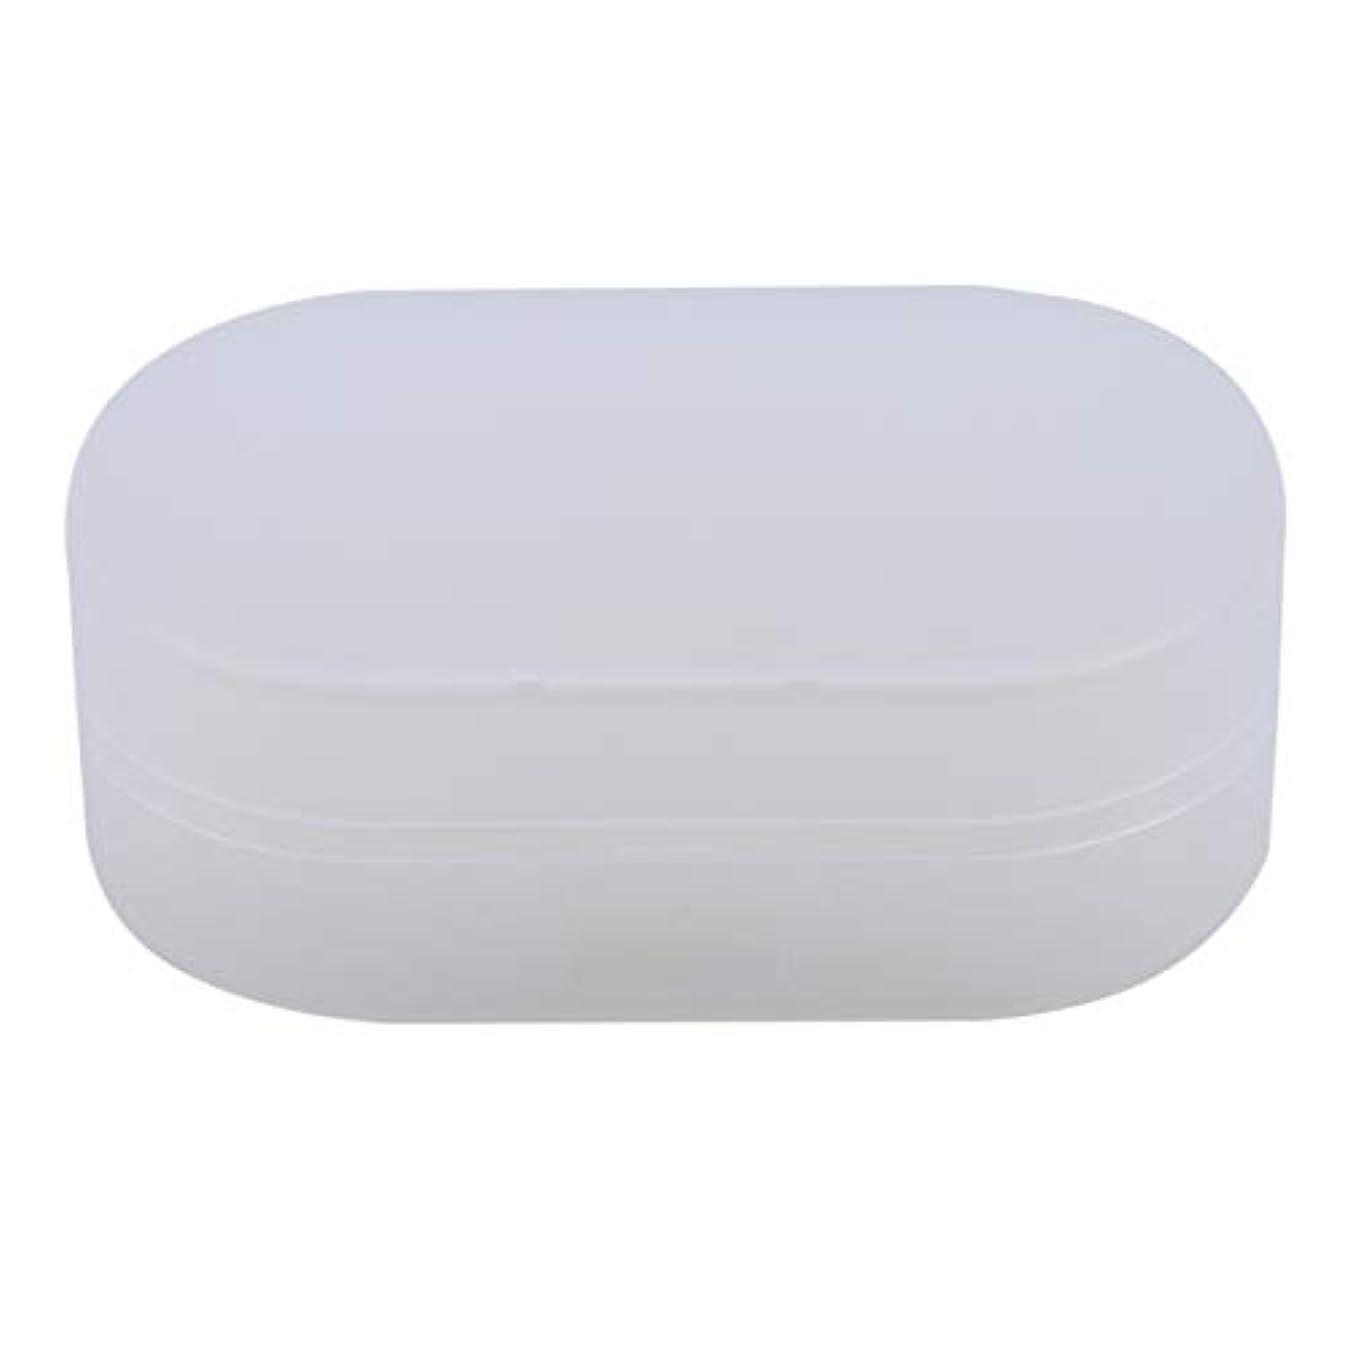 馬鹿弾薬塊ZALINGソープボックスホルダーソープディッシュソープセーバーケースコンテナ用バスルームキャンプホワイト